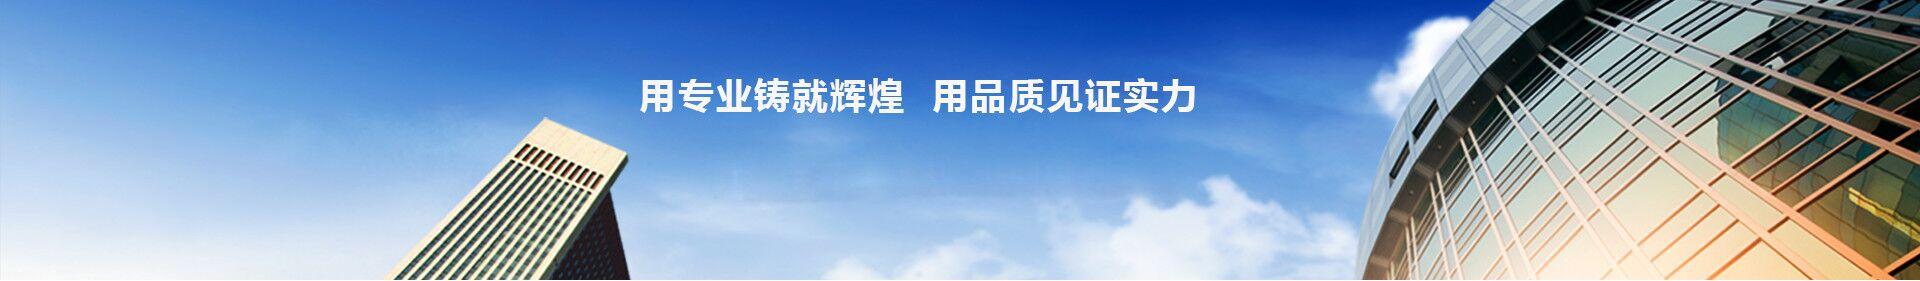 http://www.98ds.cn/data/upload/202012/20201218110101_681.jpg